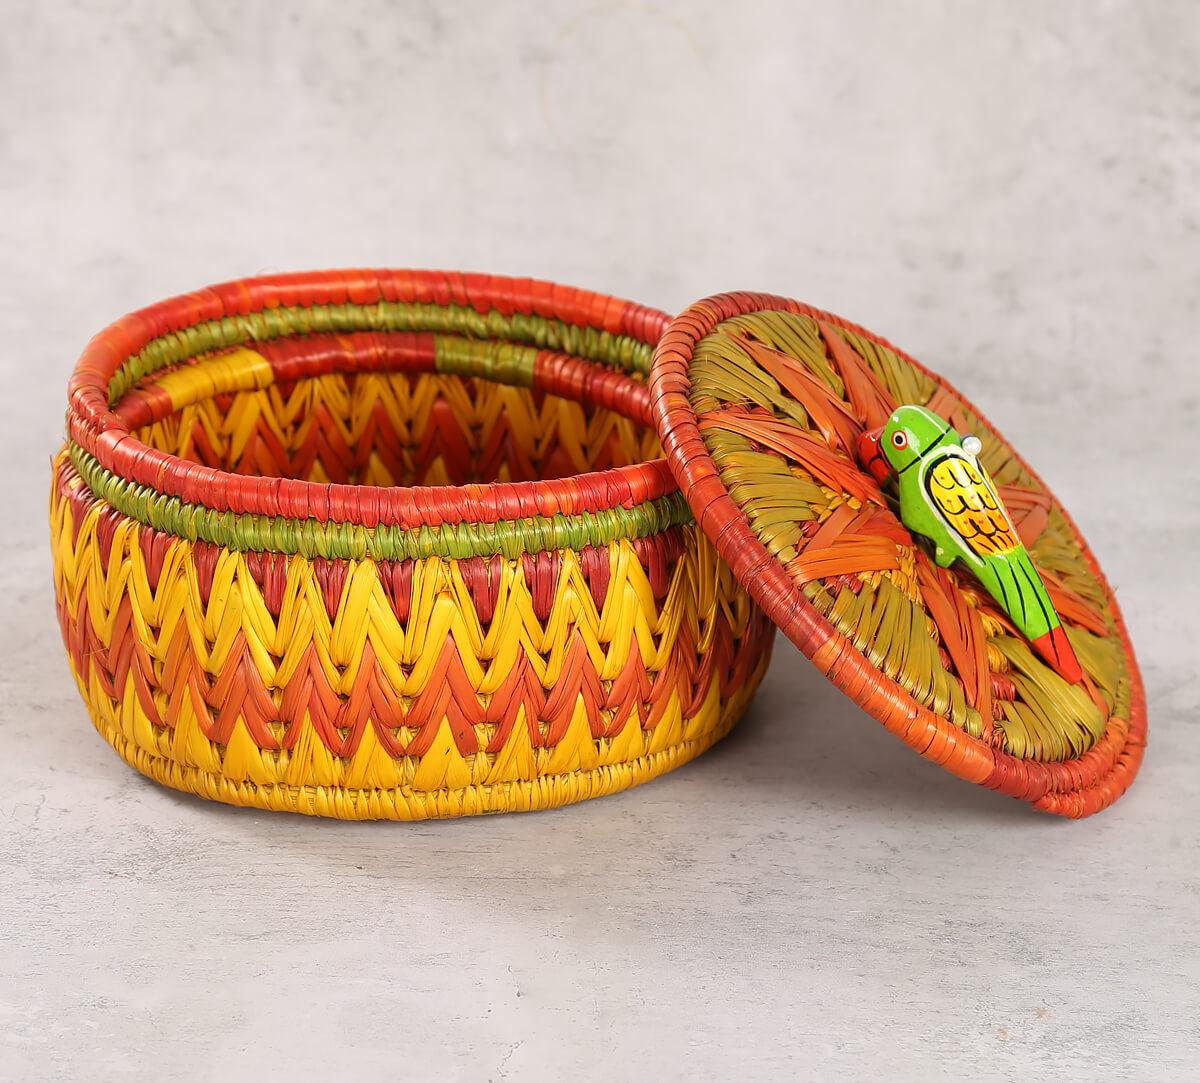 Badohi Hand Woven Yellow Basket